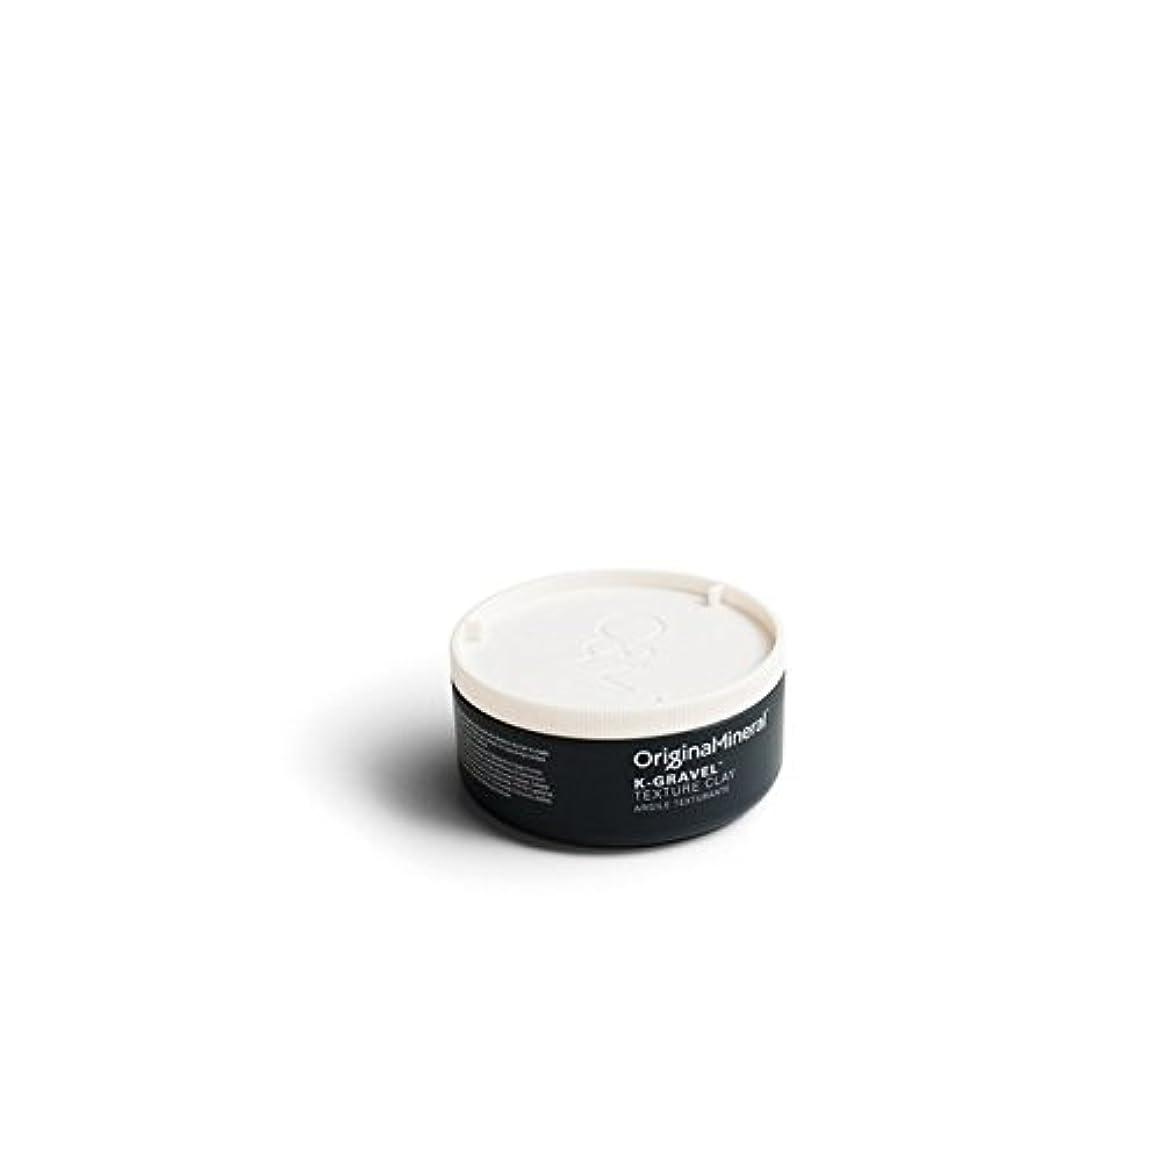 ストリーム対処するかわいらしい[Original & Mineral] オリジナル&ミネラルK-砂利テクスチャ粘土(100グラム) - Original & Mineral K-Gravel Texture Clay (100g) [並行輸入品]